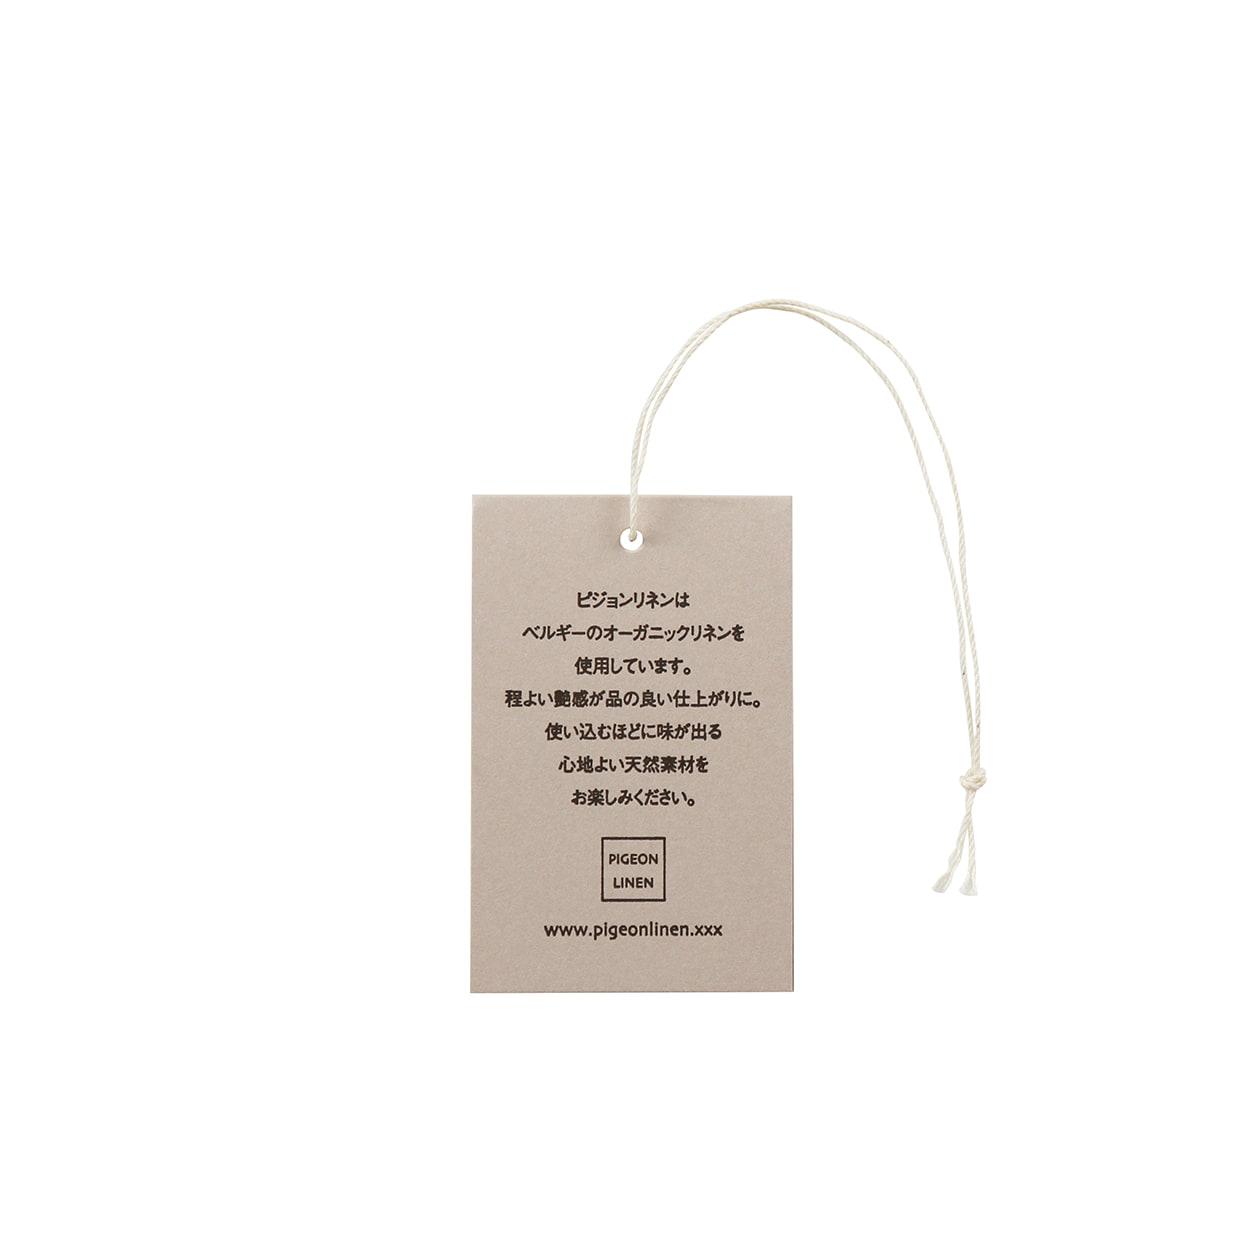 サンプル カード(タグ)00506